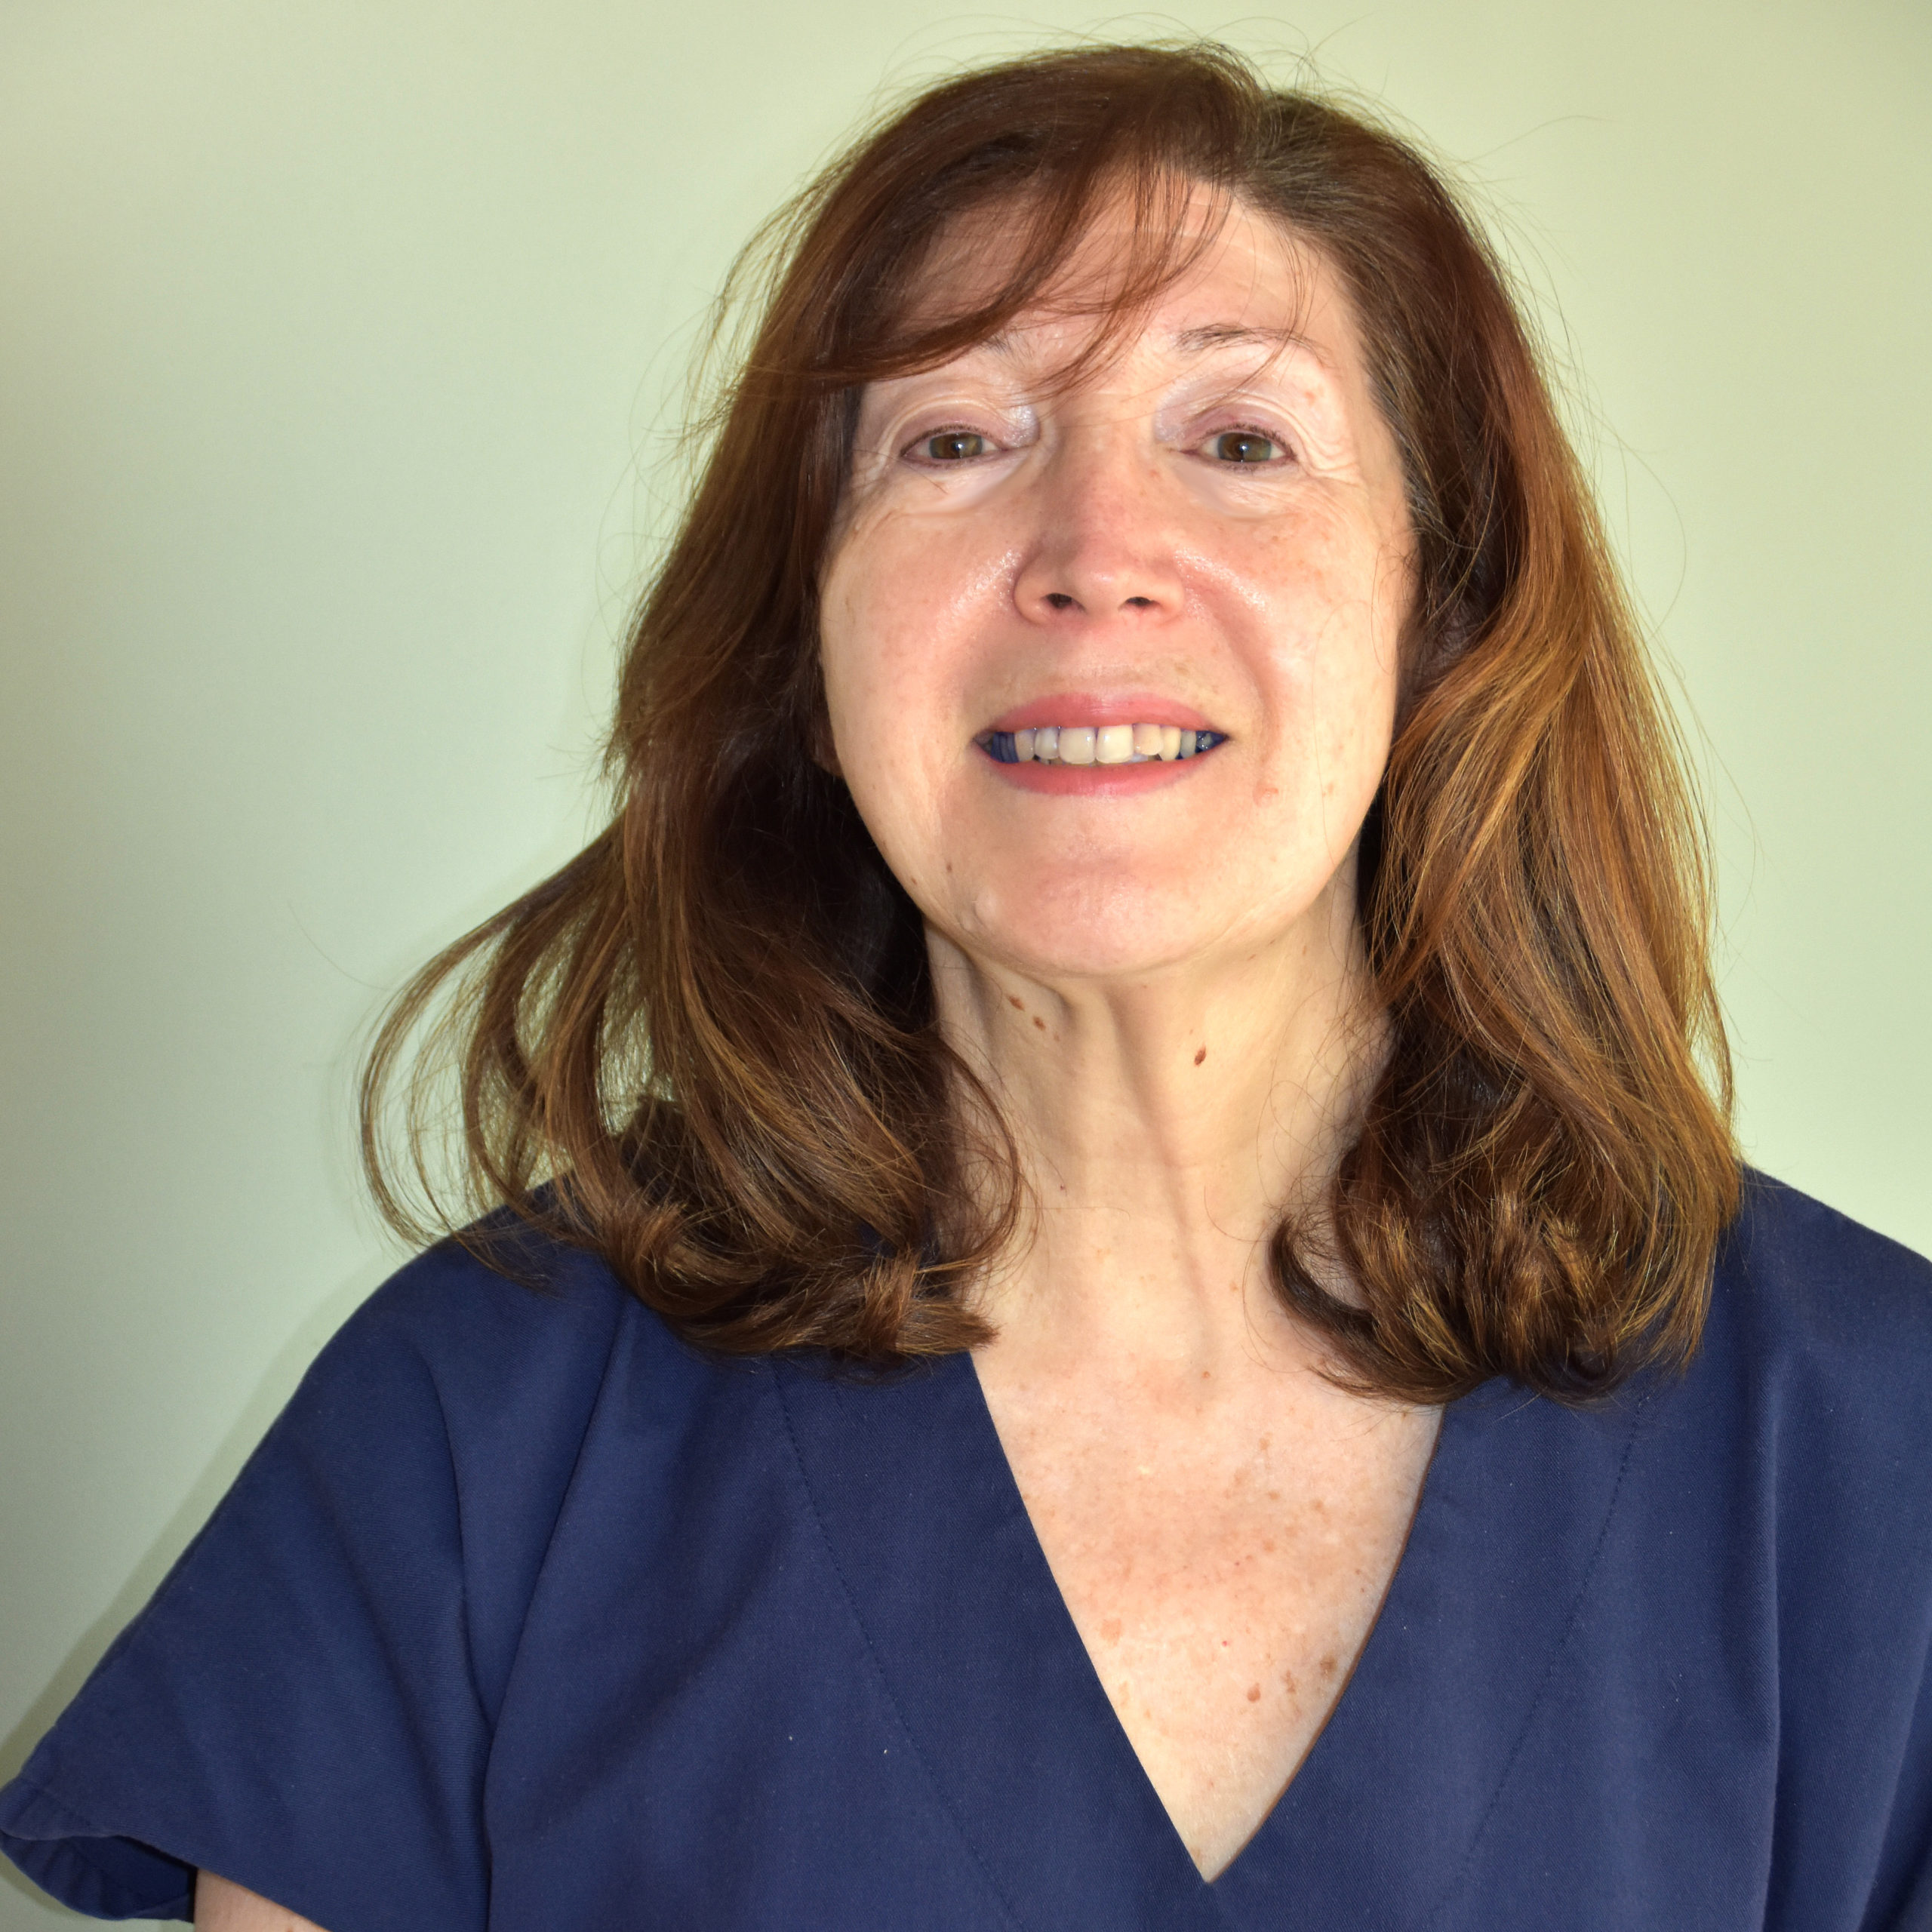 Irene Boiso laboratorio fecundacion in vitro diagnostico genetico preimplantacional